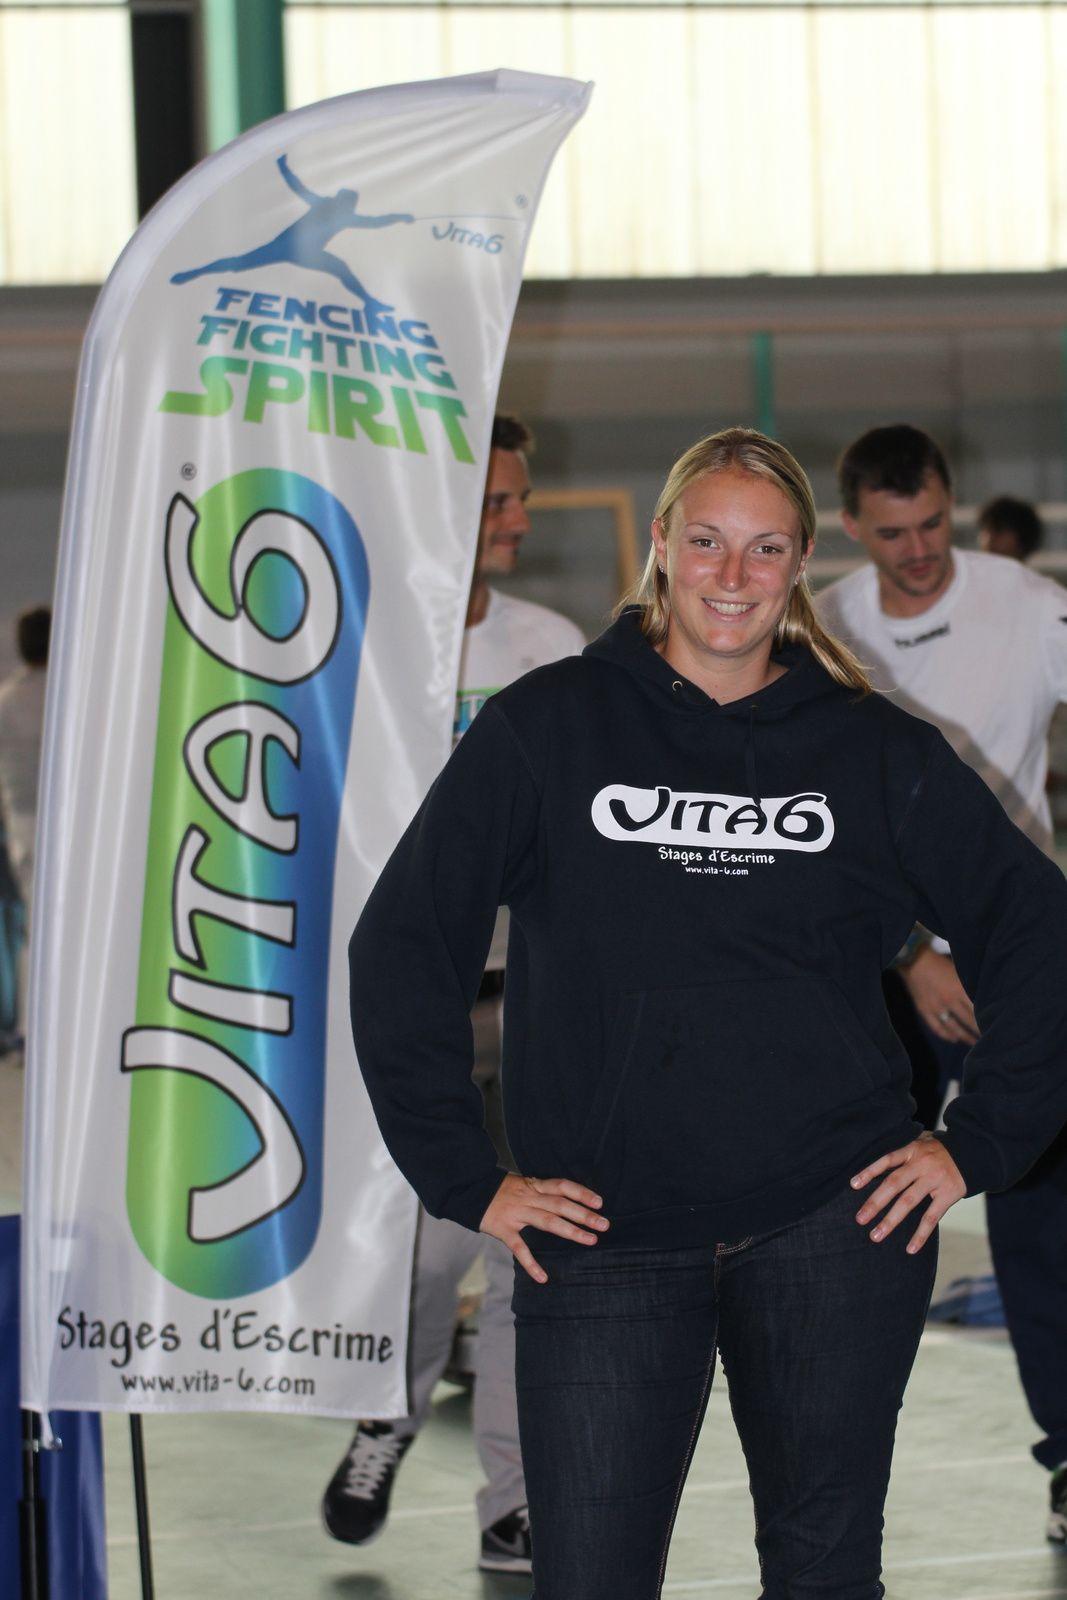 Faites connaissance en images avec les membres de l'équipe VITA-6 !